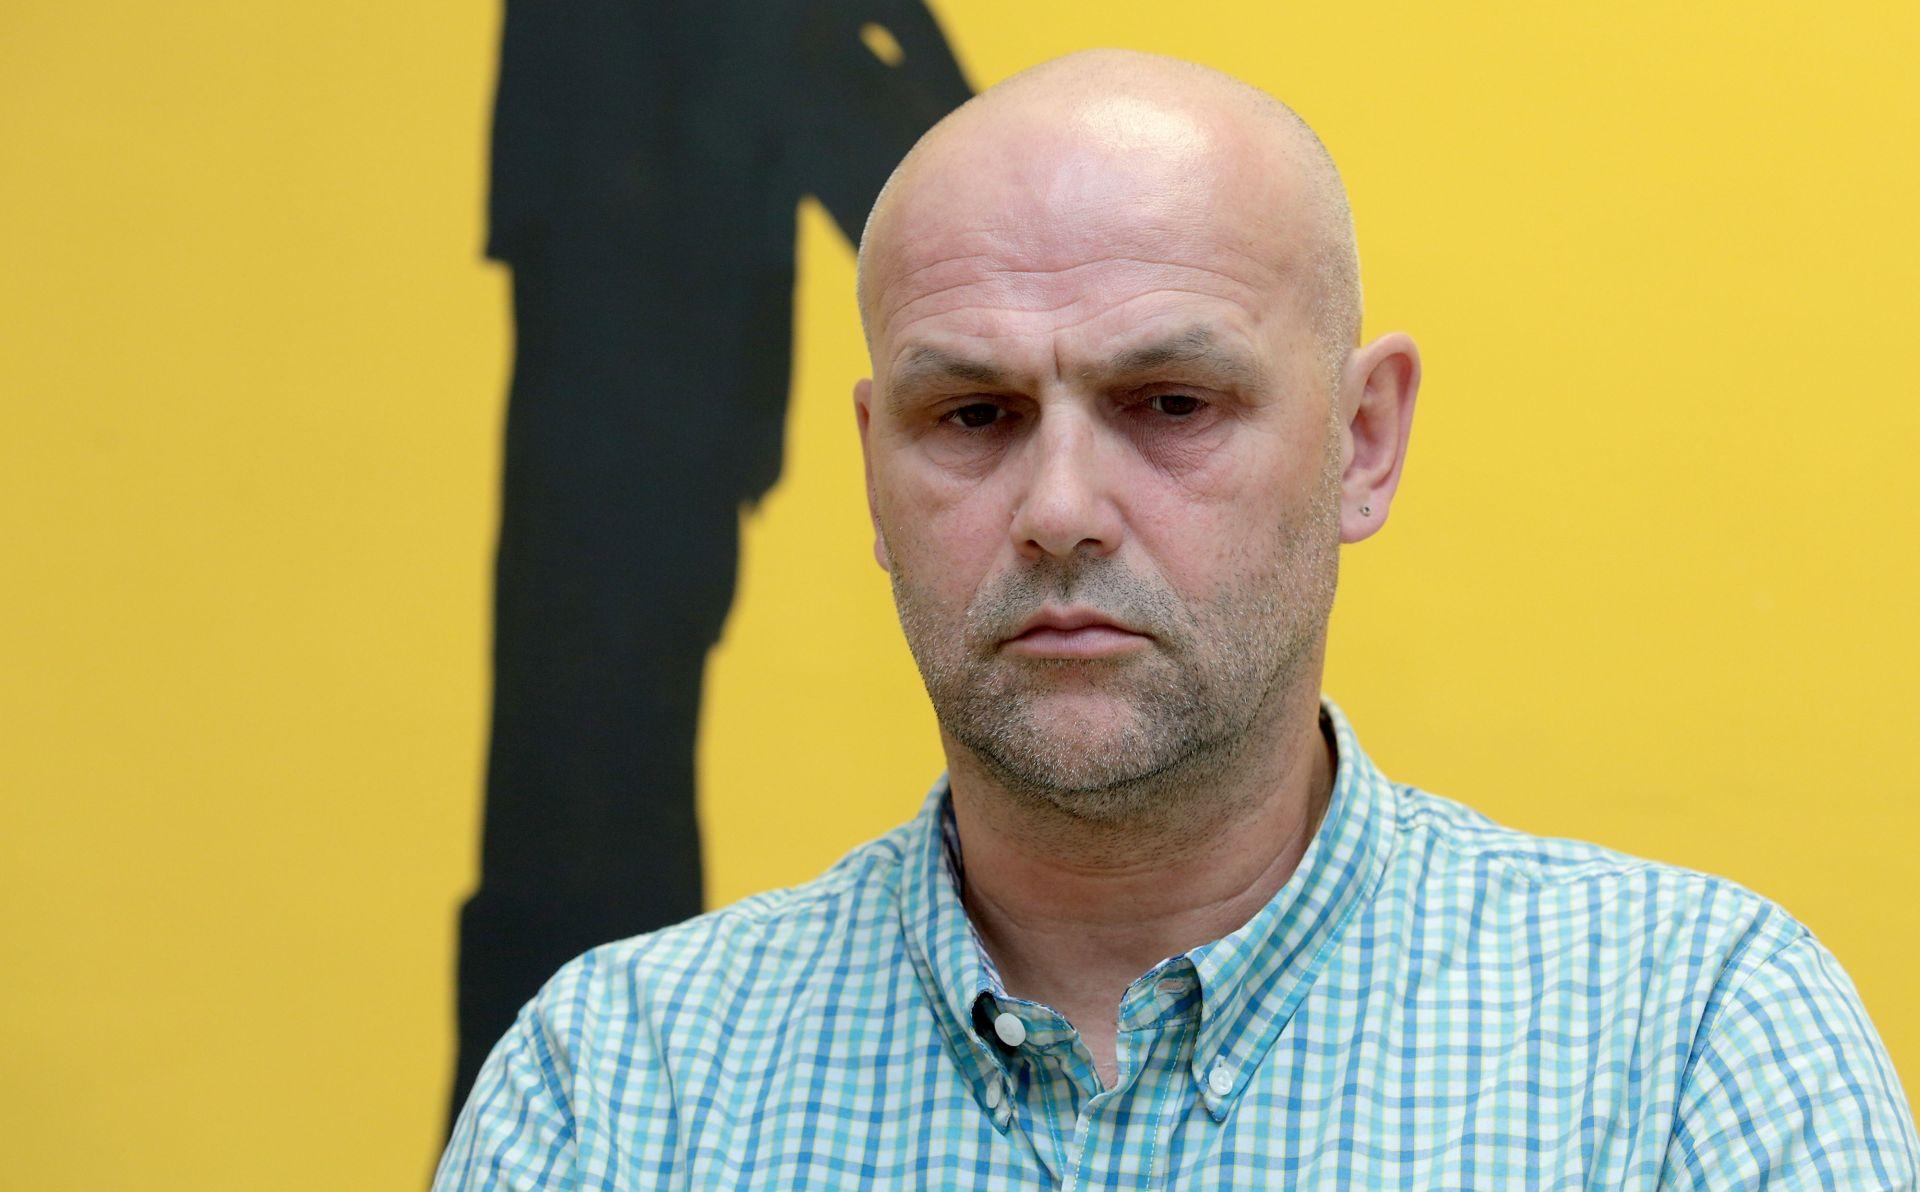 Antifašistička liga traži hitnu istragu u slučaju Leković